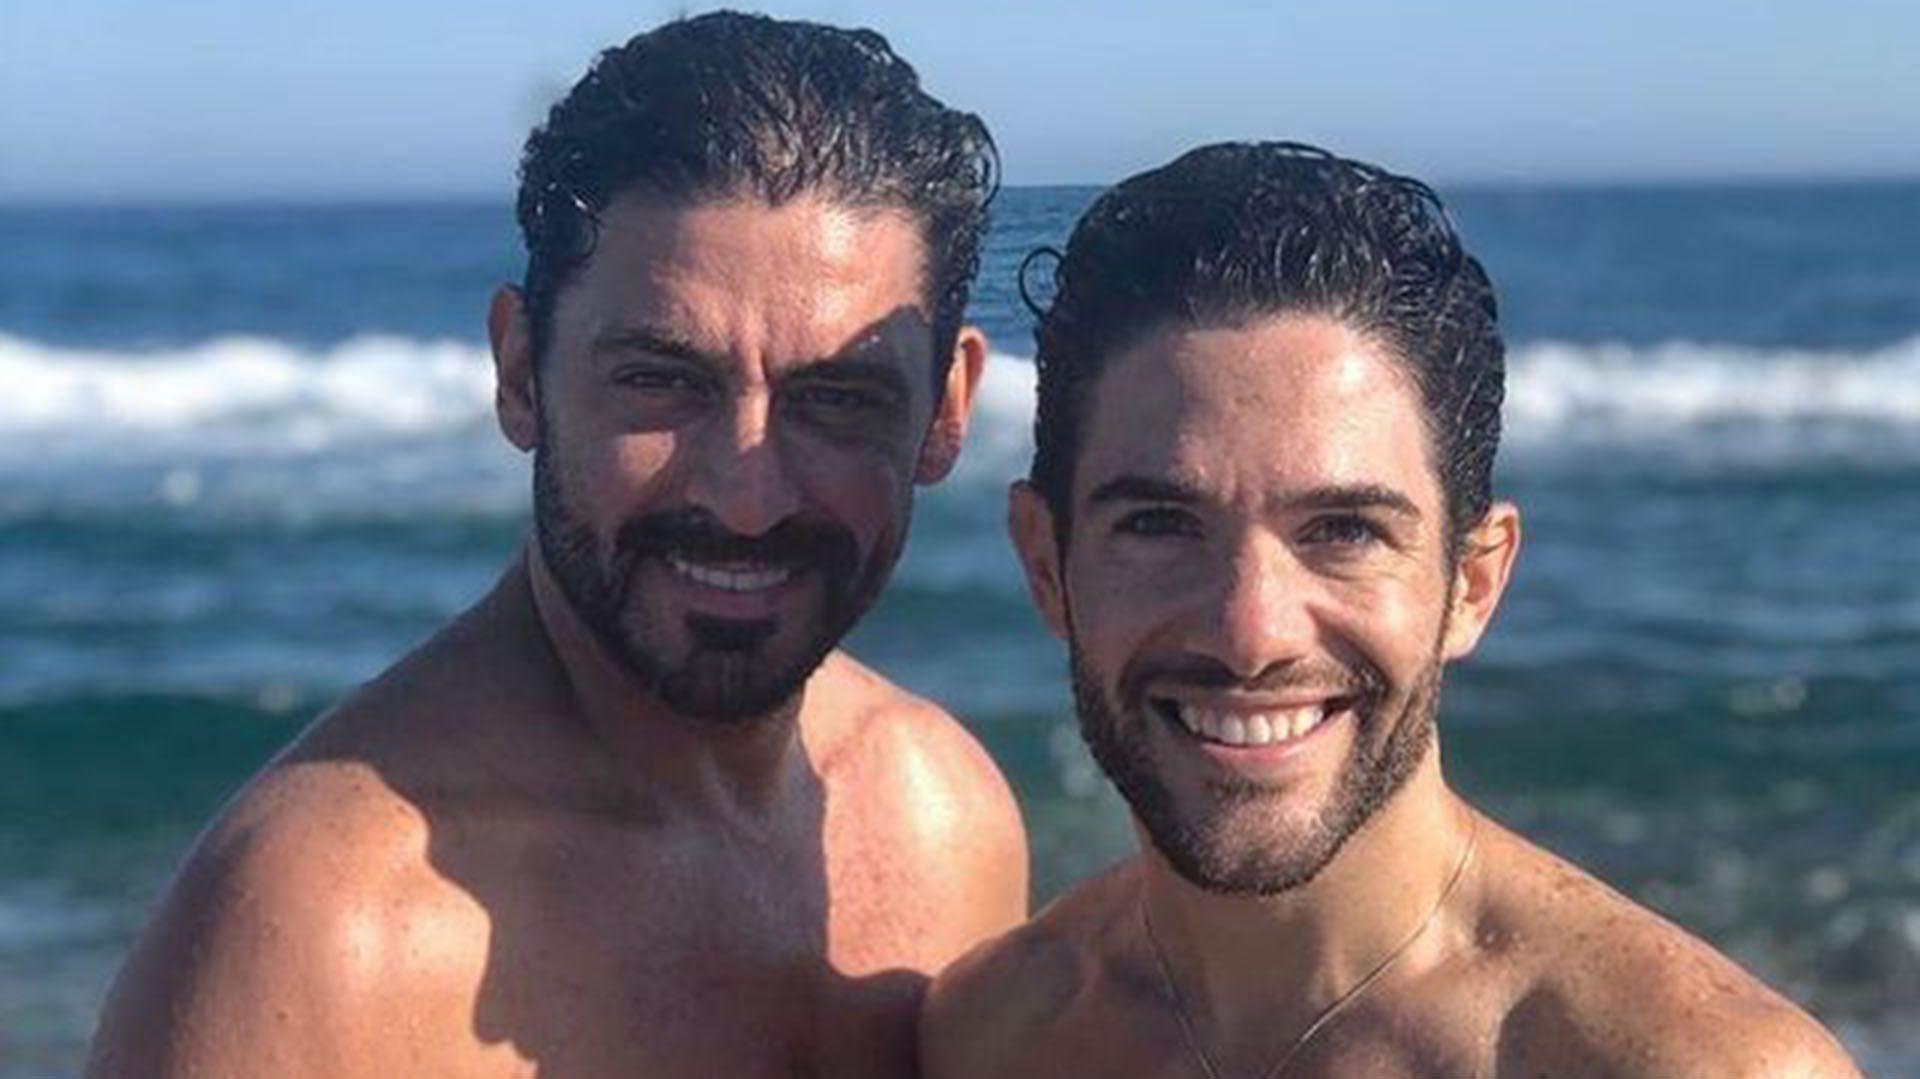 La emoción de Hernán Piquín con el saludo de su novio Agustín Barajas